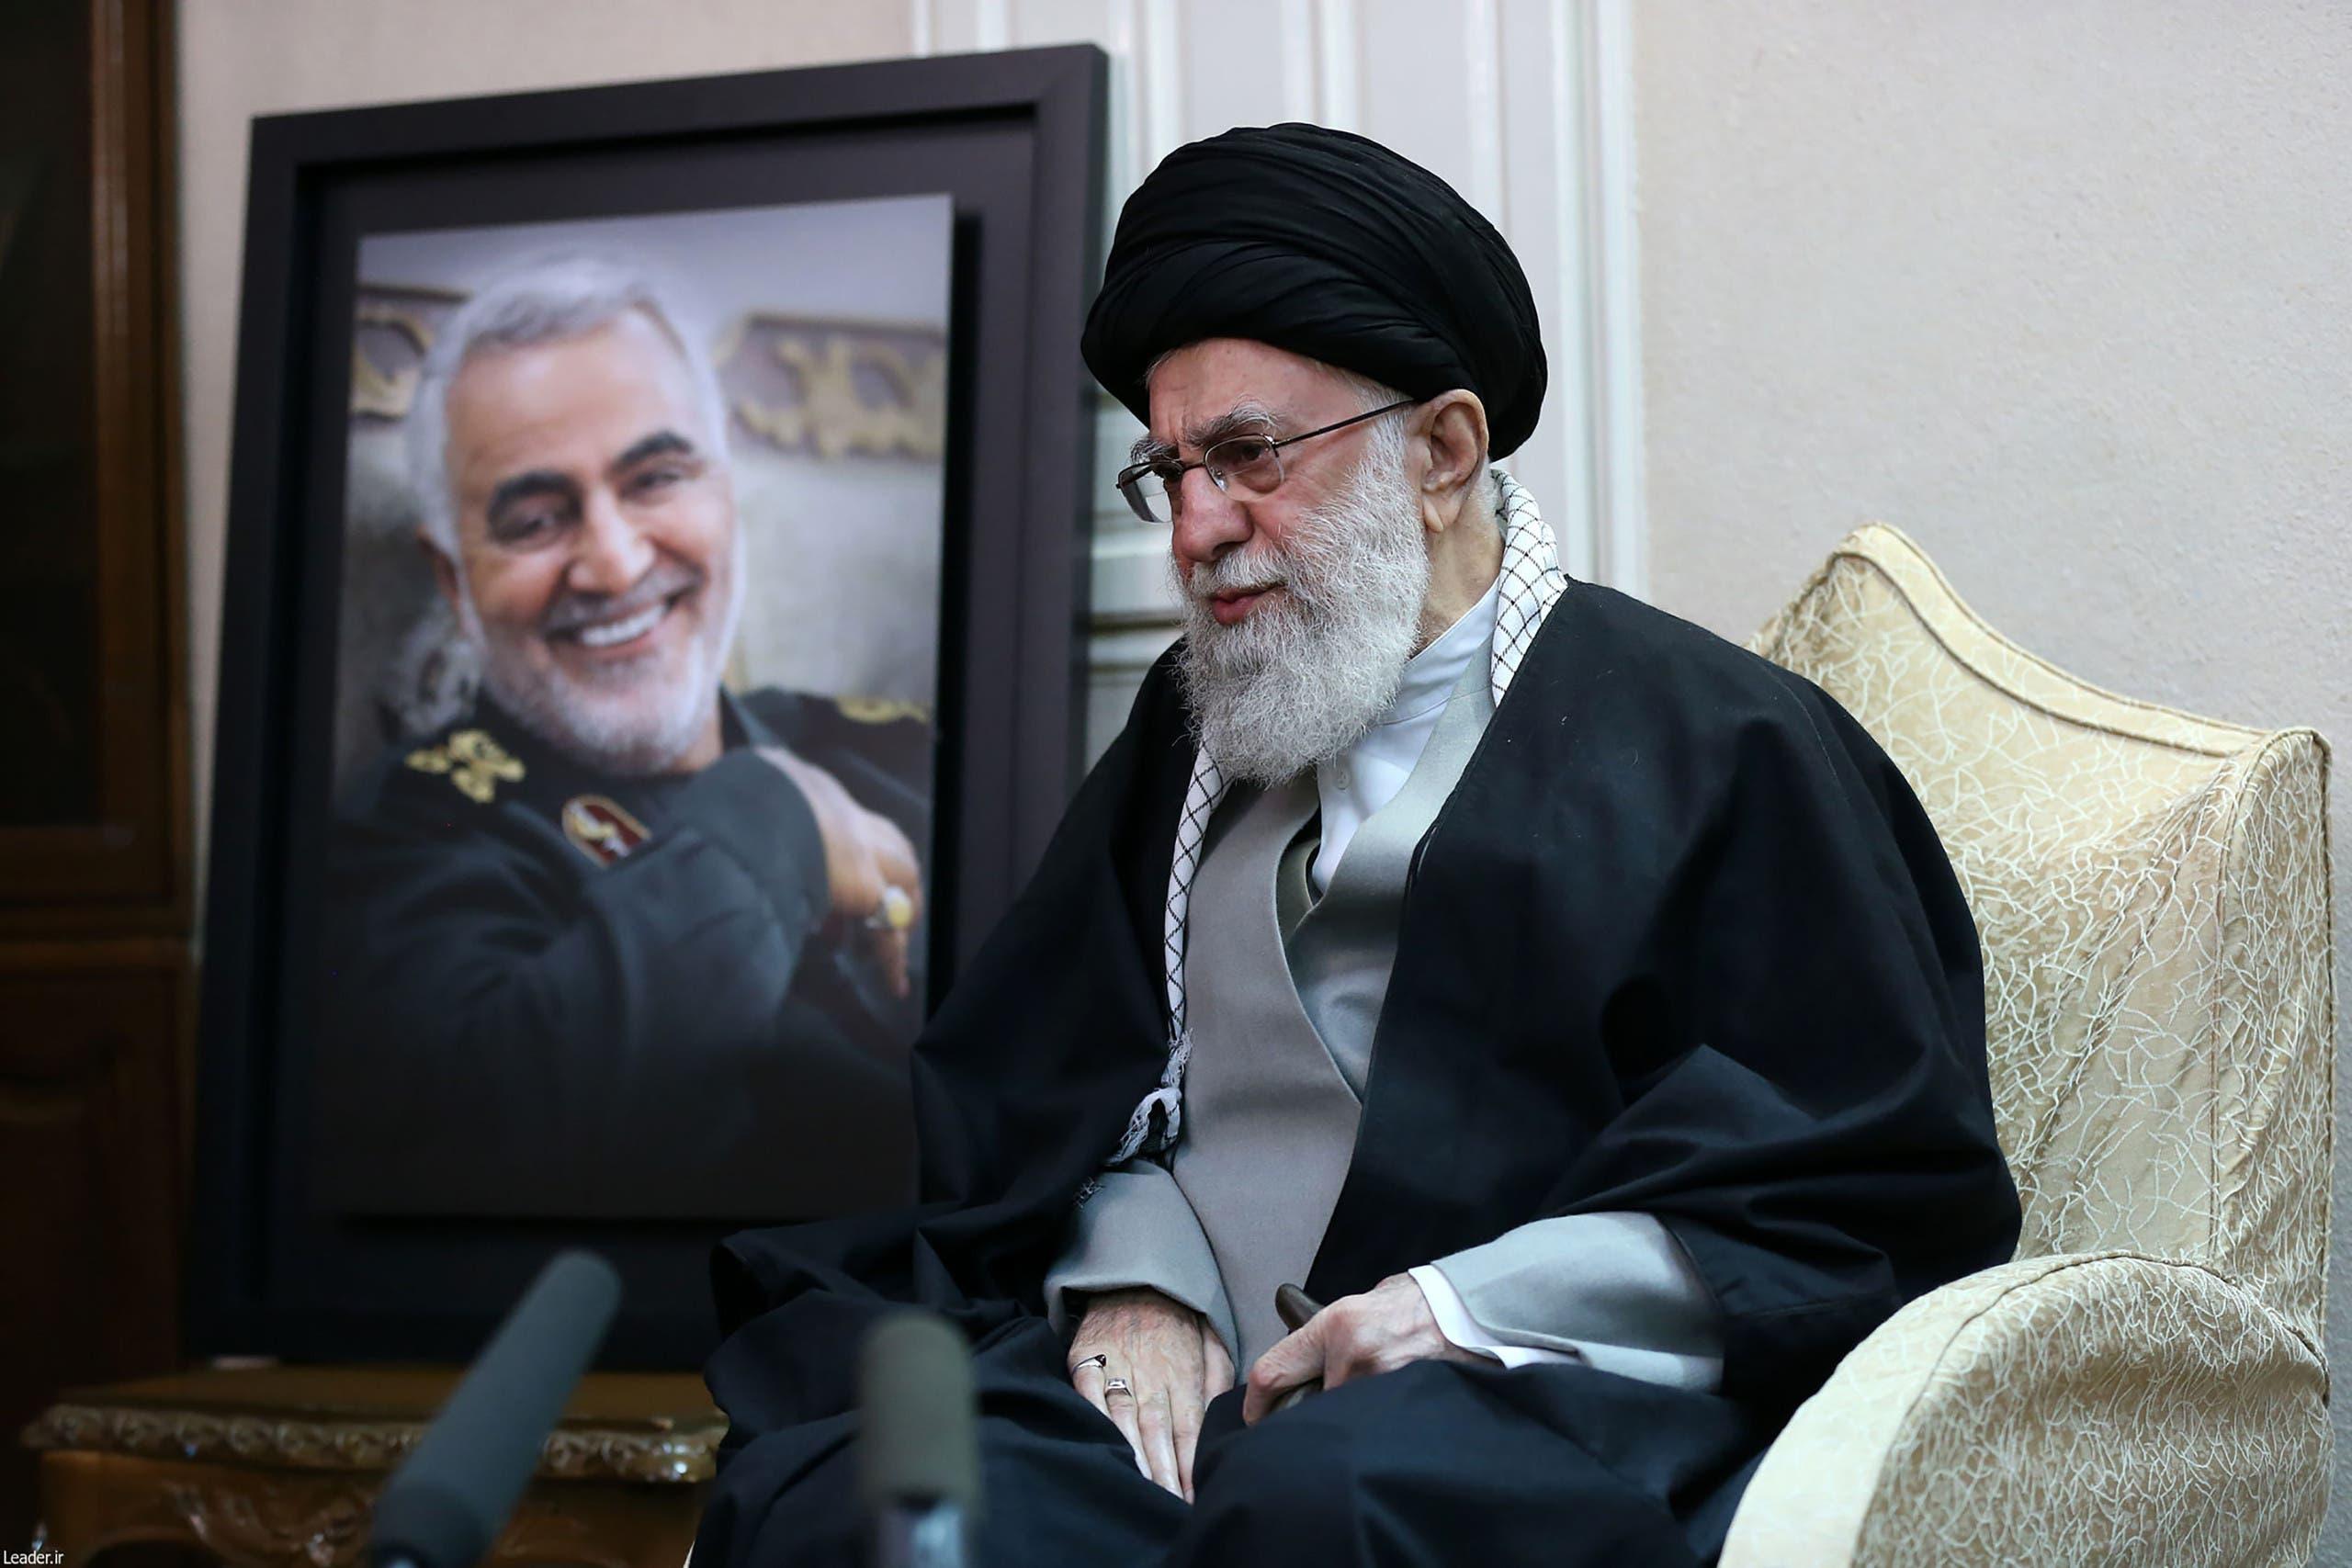 المرشد الإيراني علي خامنئي وصورة سليماني إلى جانبه (أرشيفية- فرانس برس)